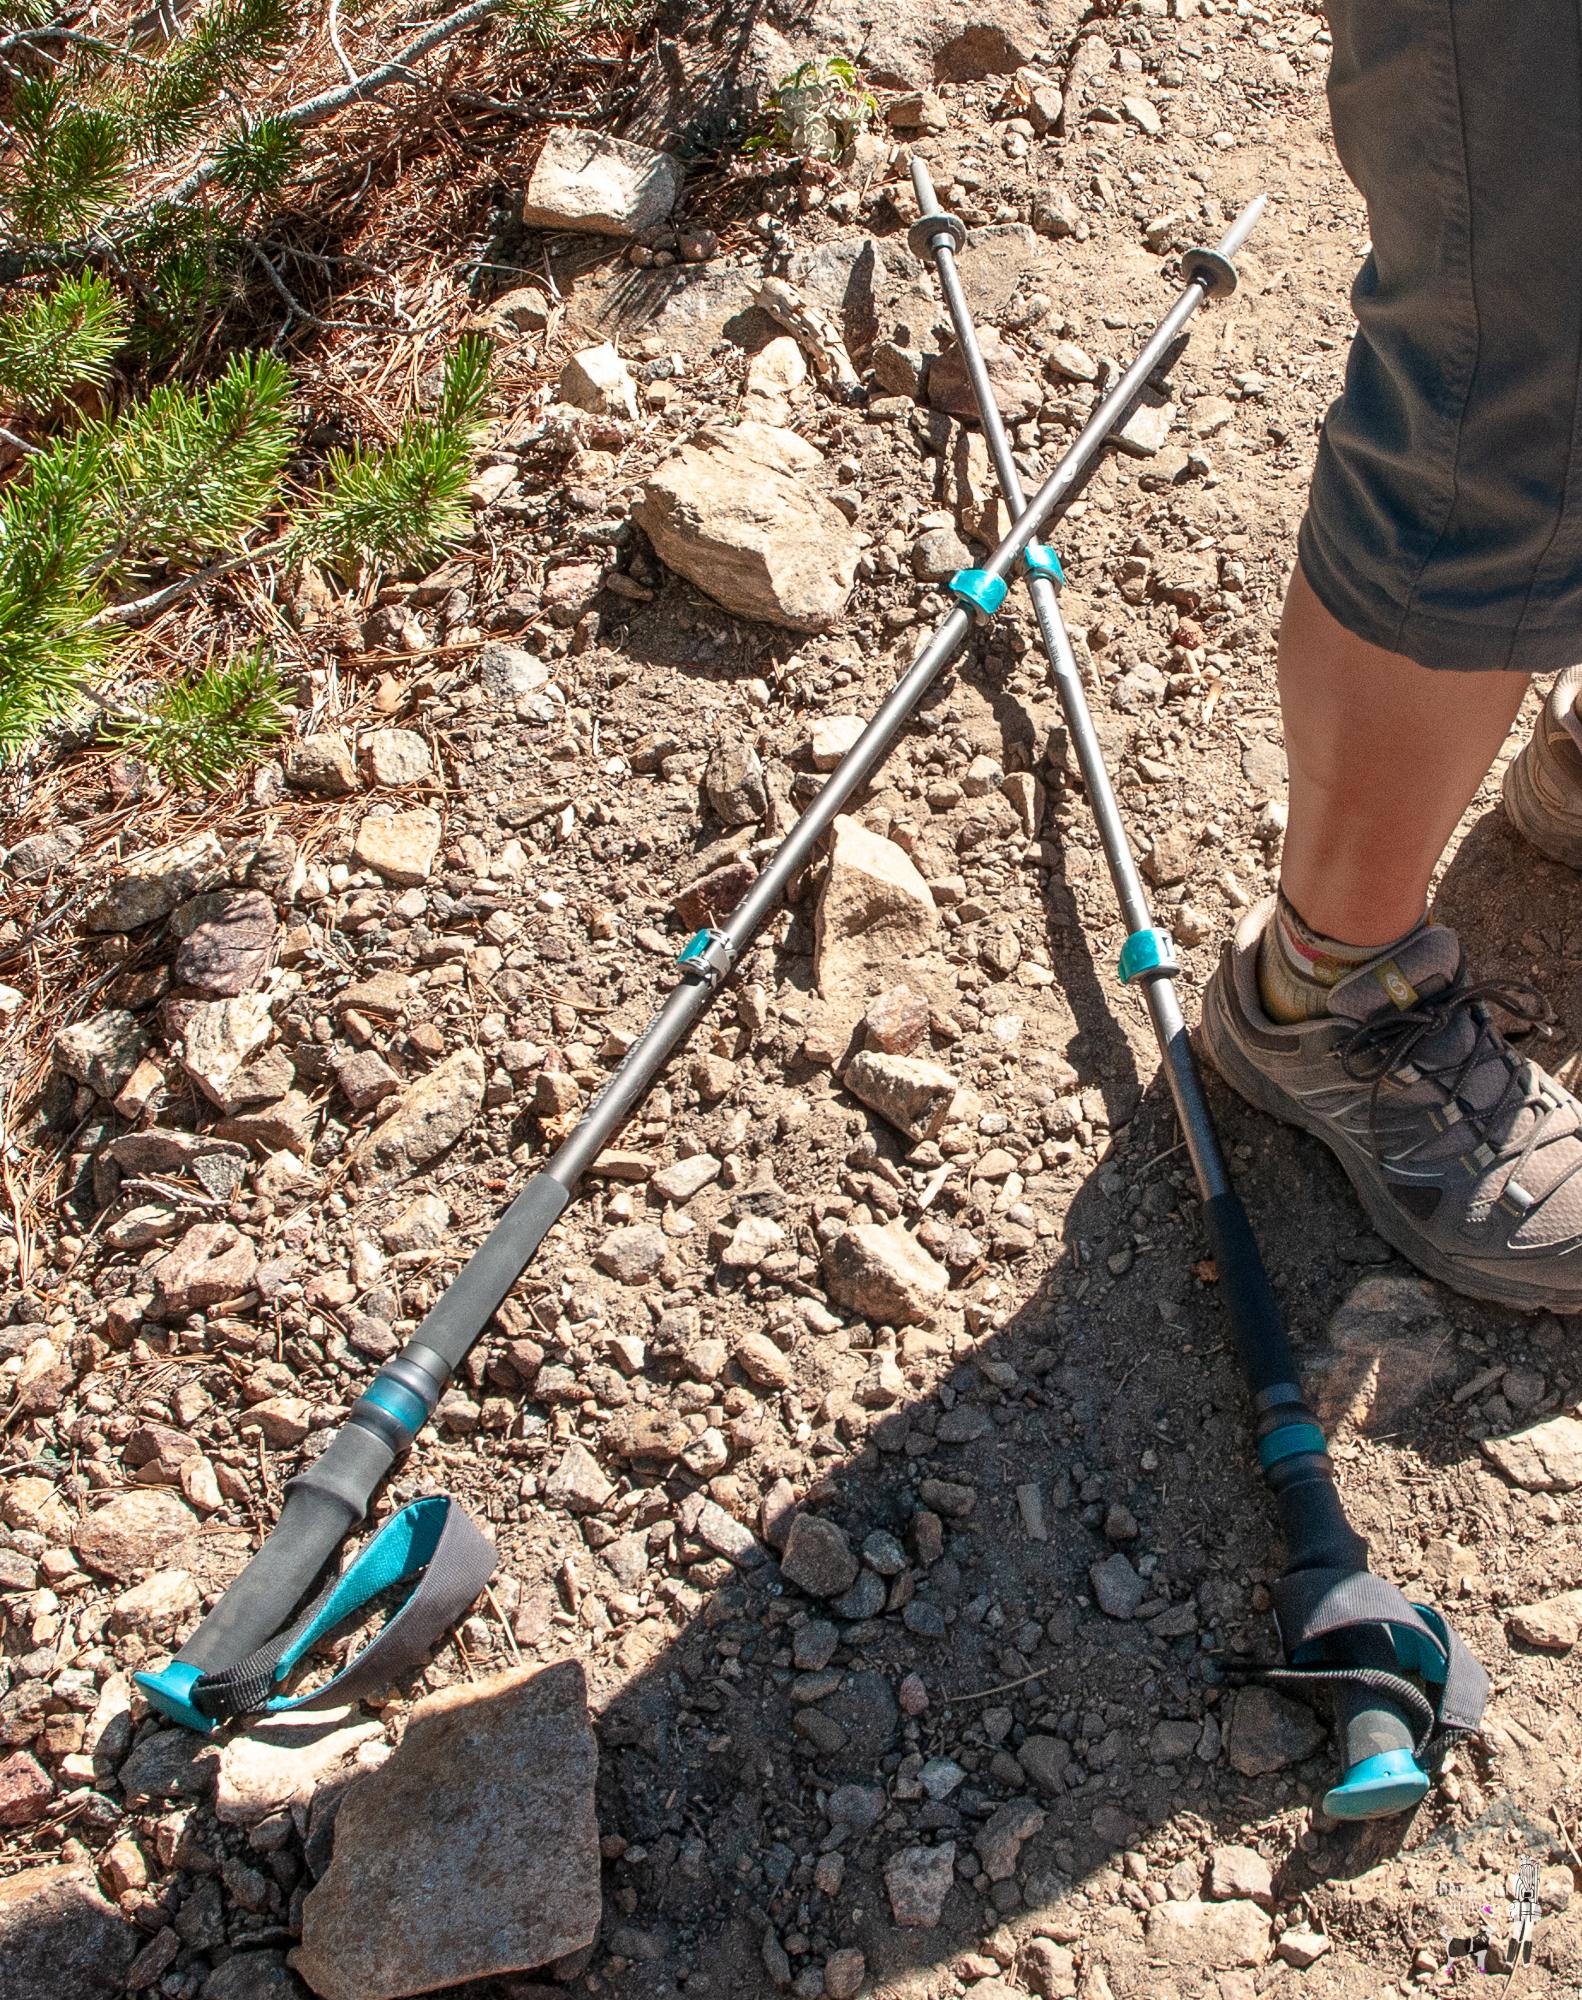 trekking_poles-2